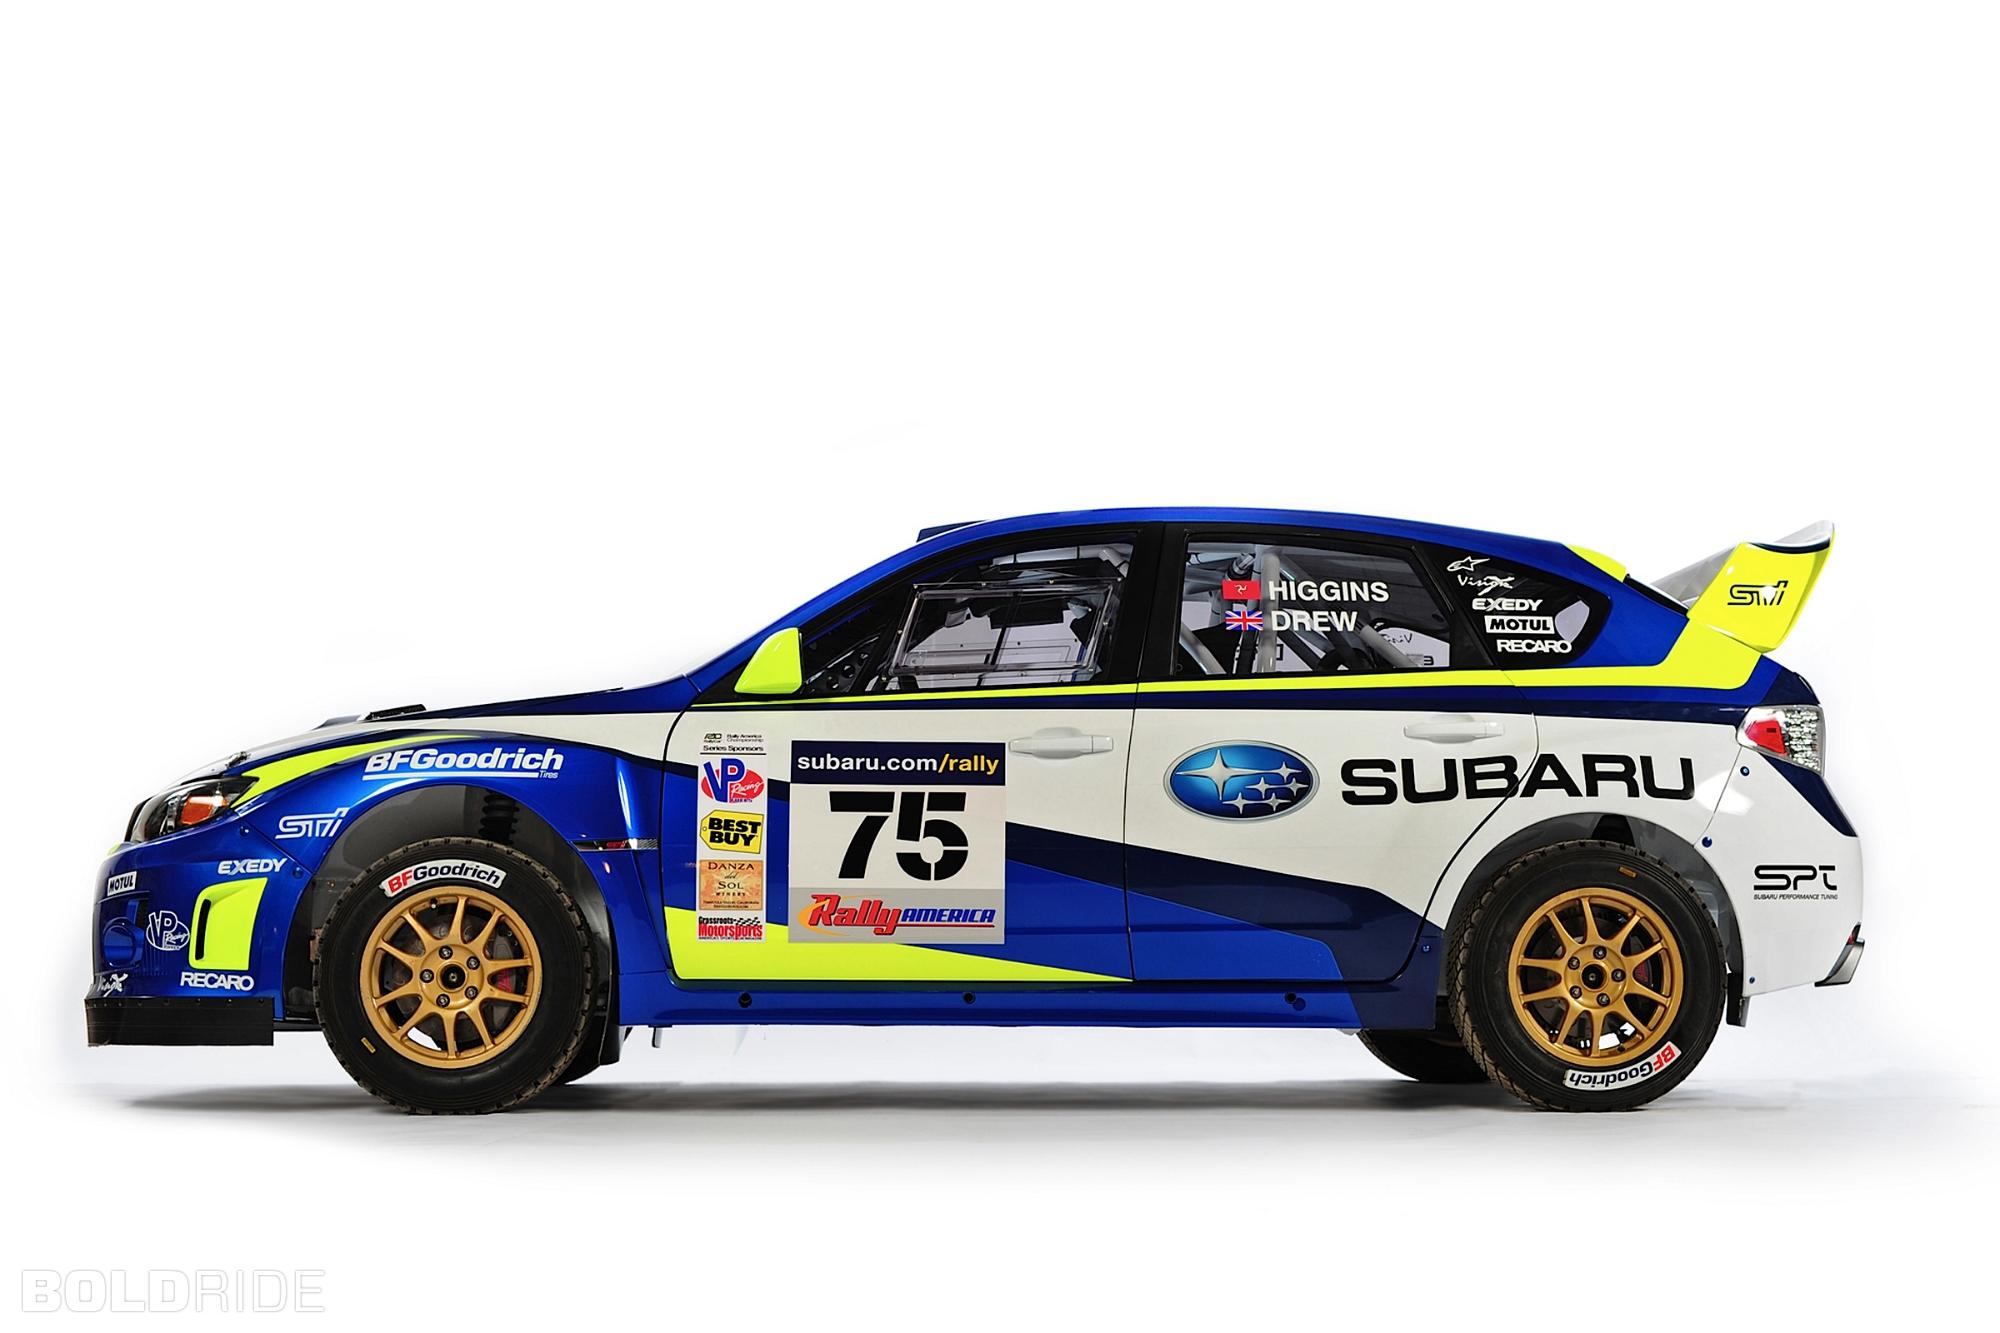 2011 Subaru WRX STI Rally Car 1600 x 1200